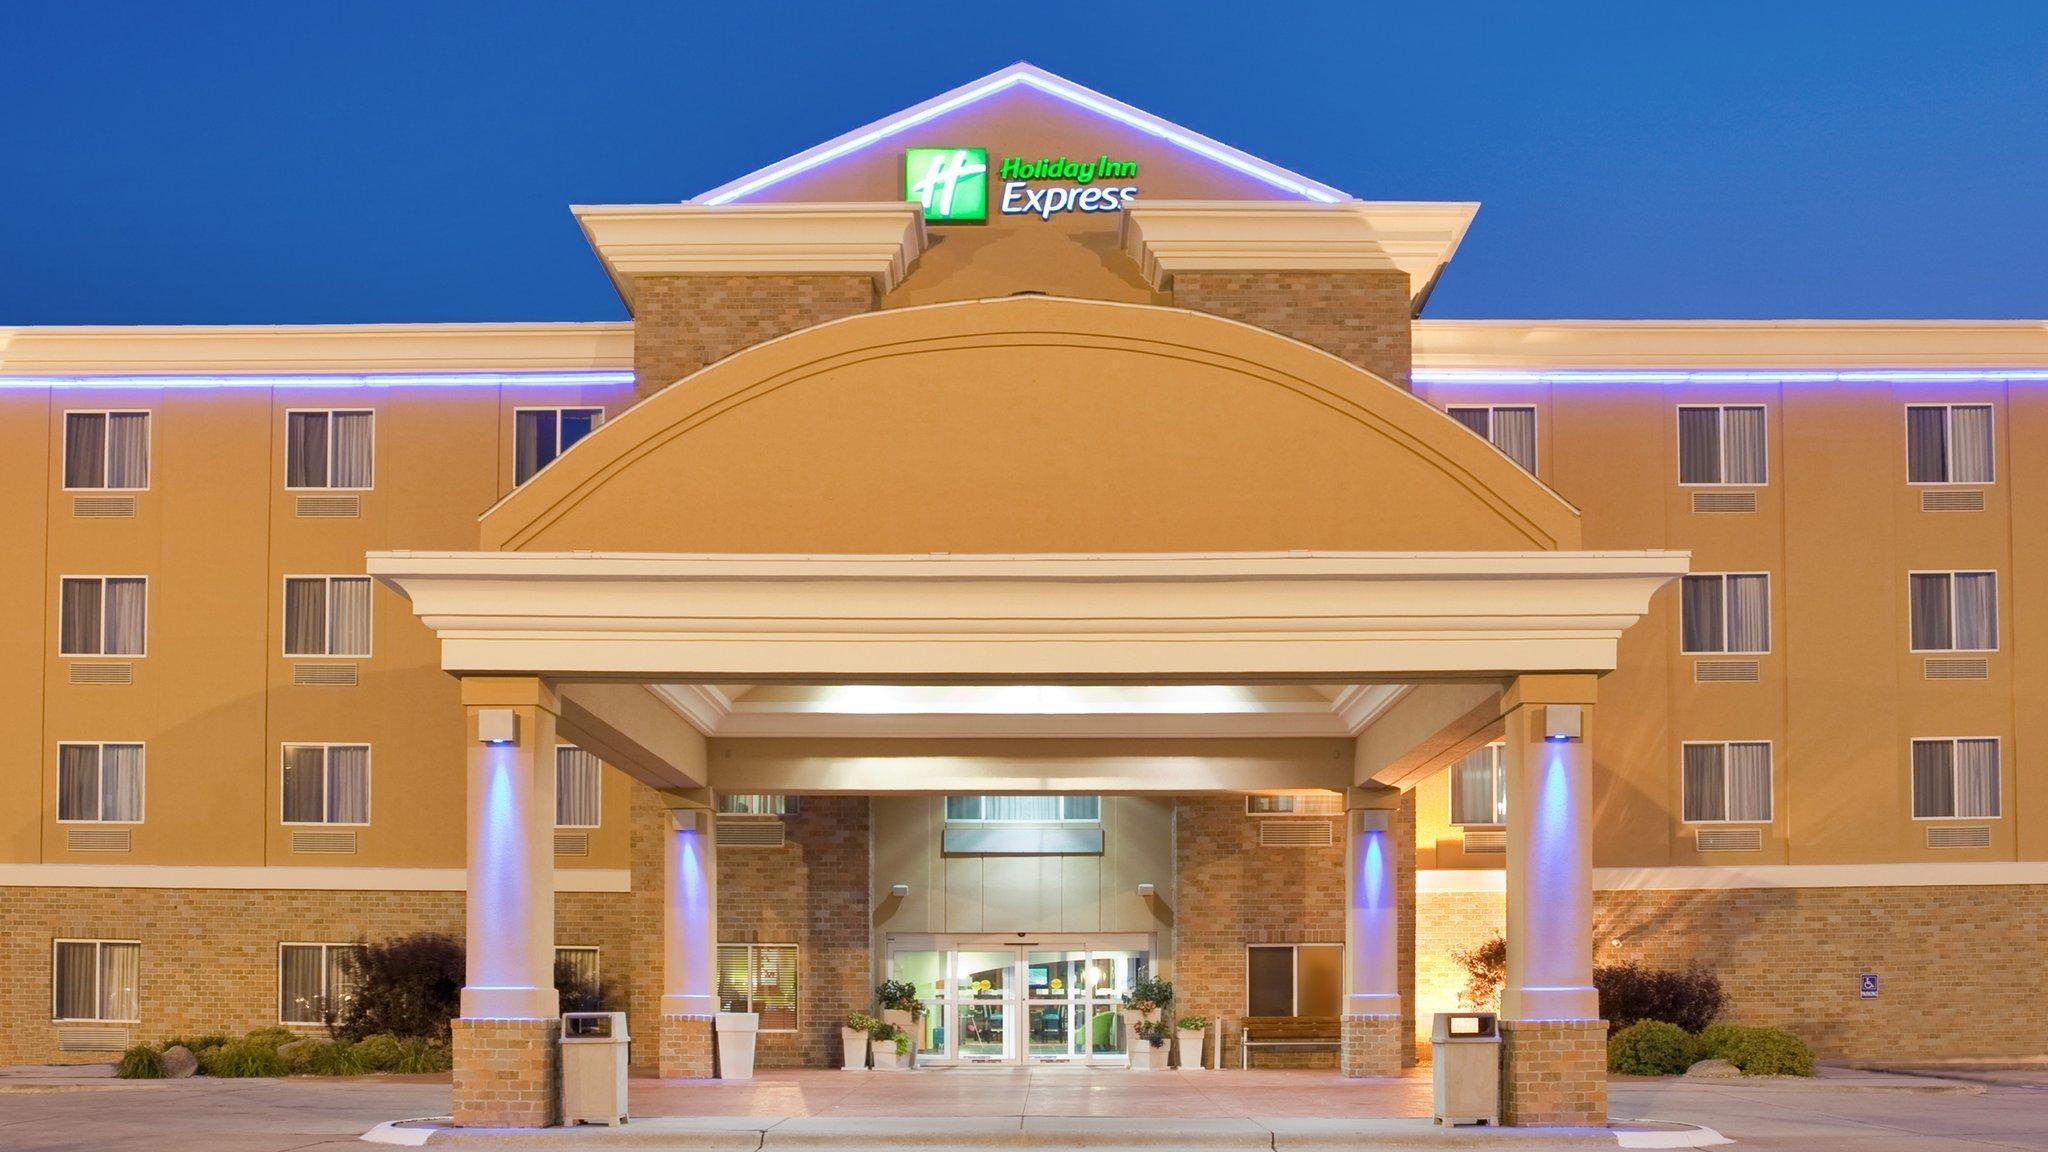 Holiday Inn Express Kearney, Buffalo